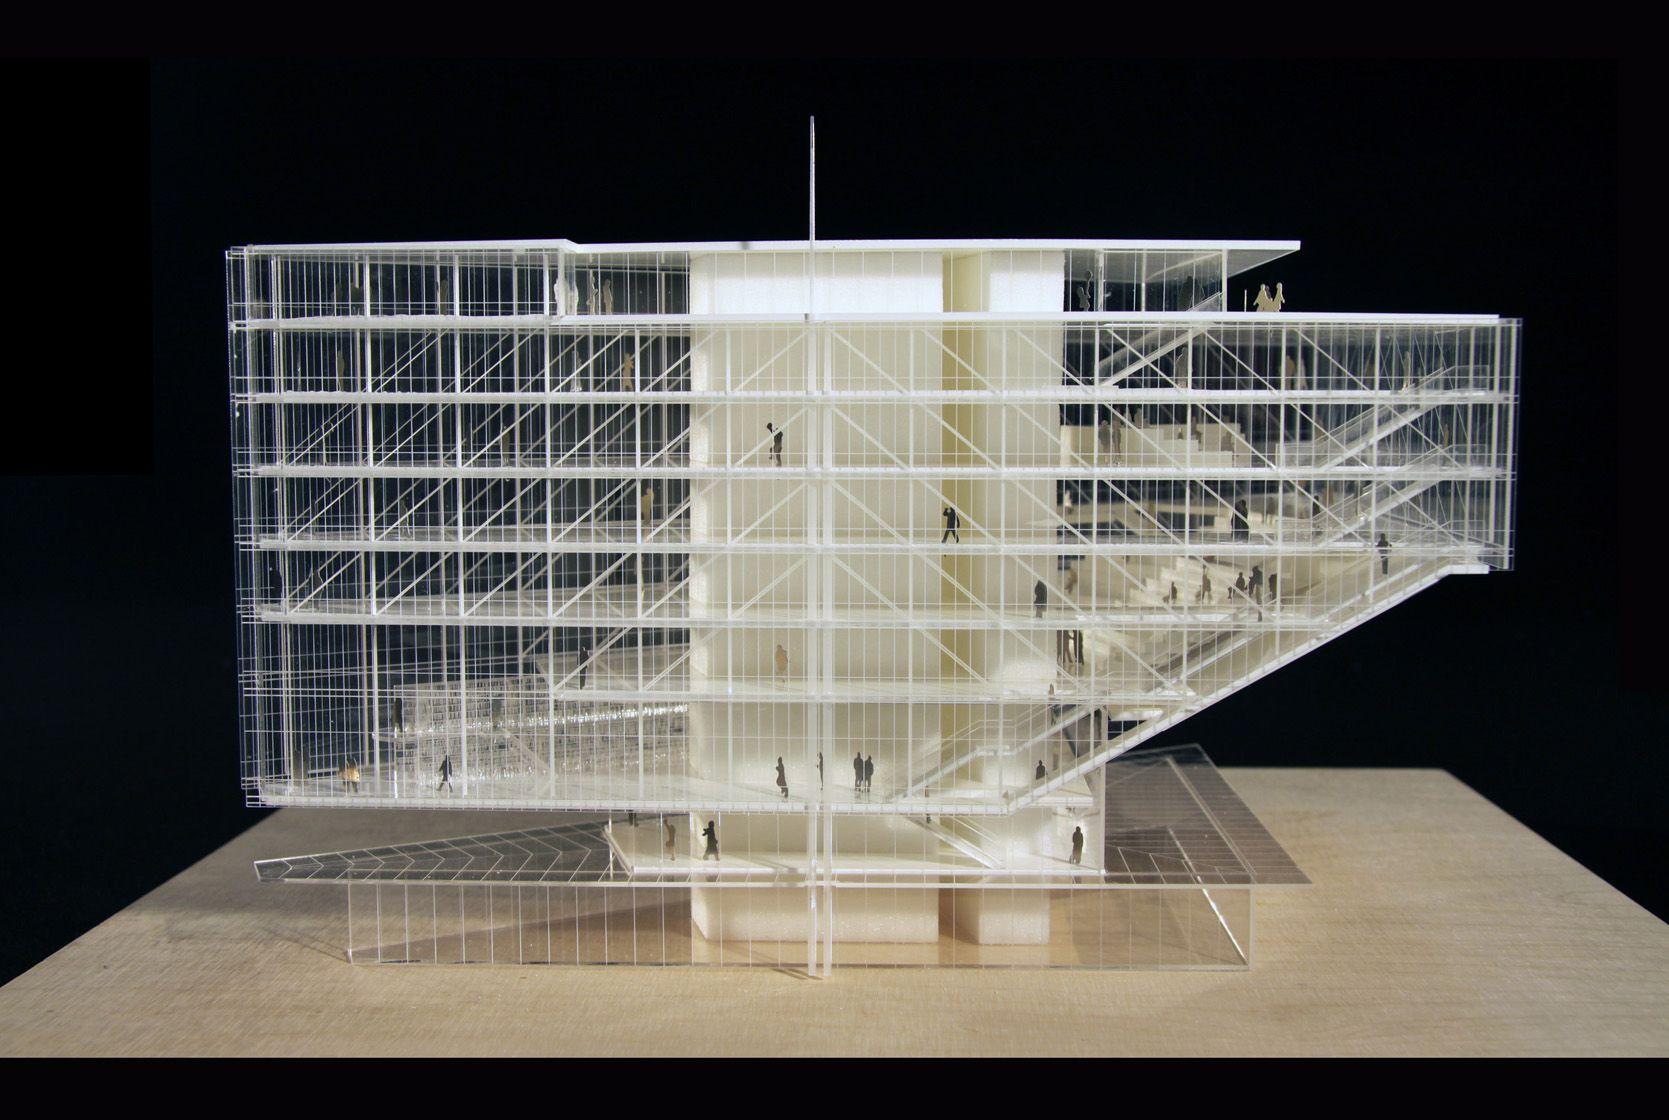 Model maison des avocats paris renzo piano archi for Model architecture maison